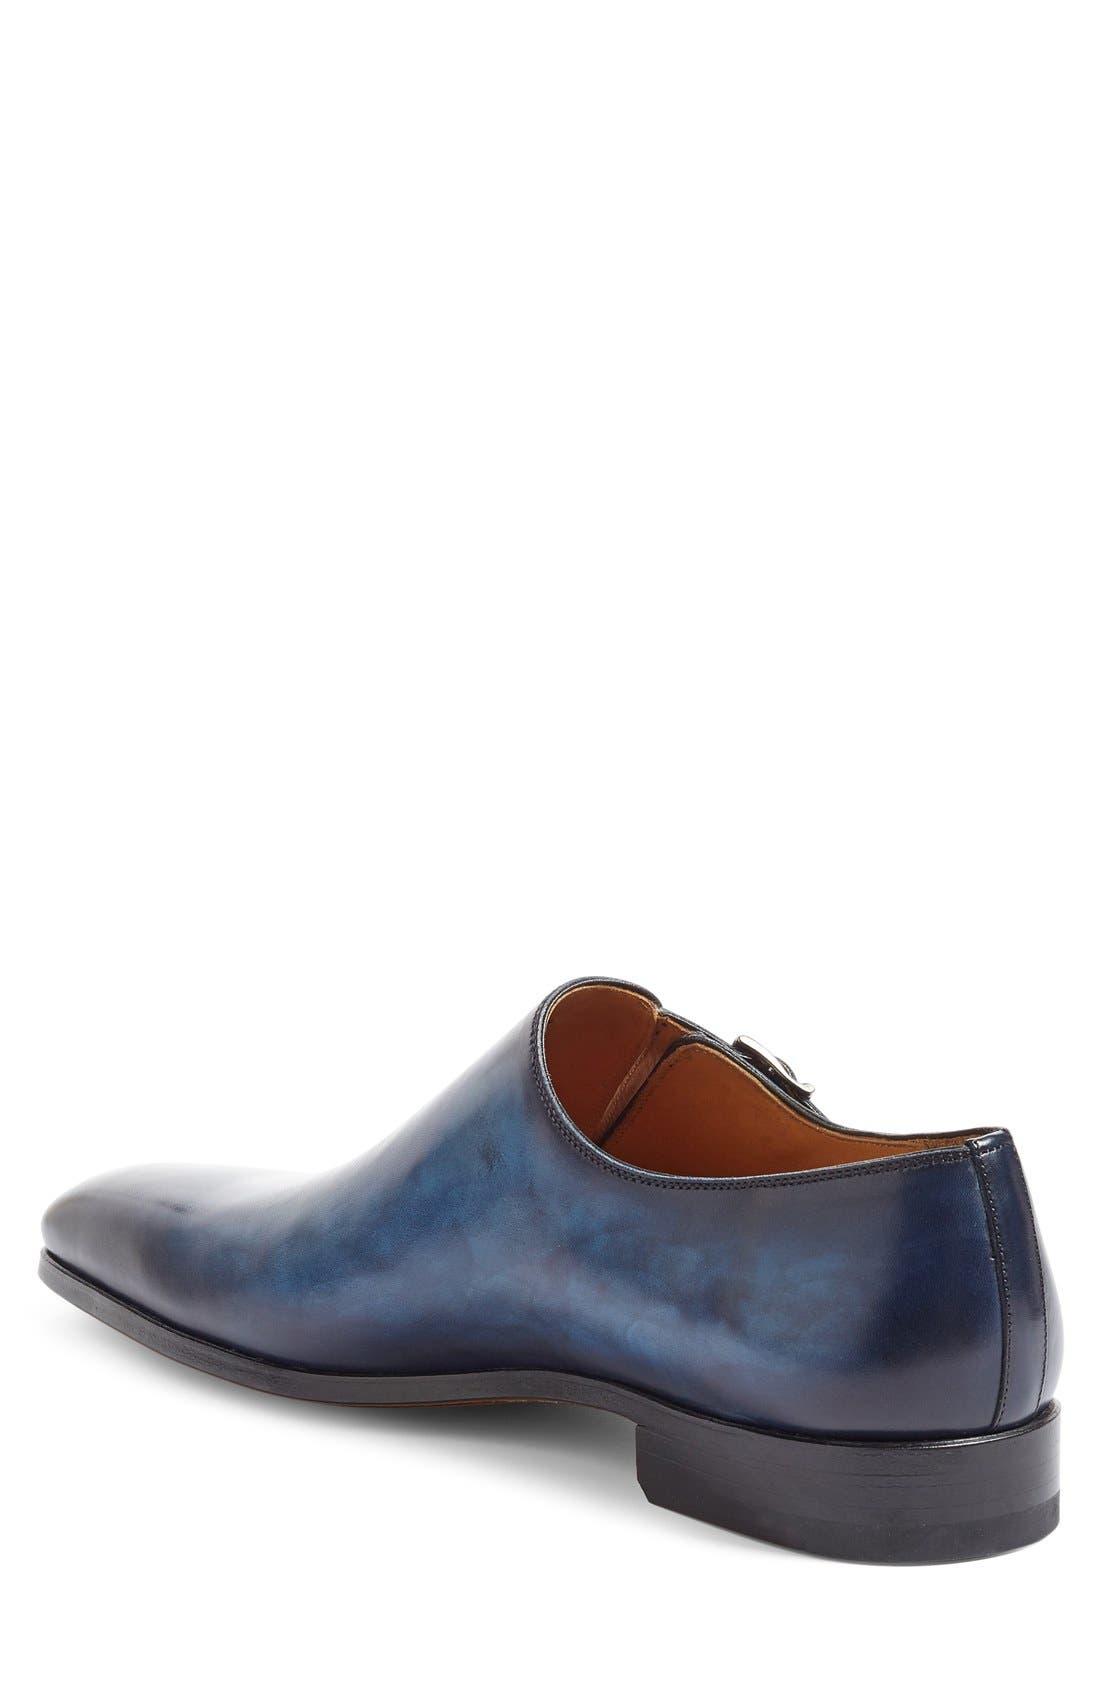 Beltran Monk Strap Shoe,                             Alternate thumbnail 2, color,                             Navy